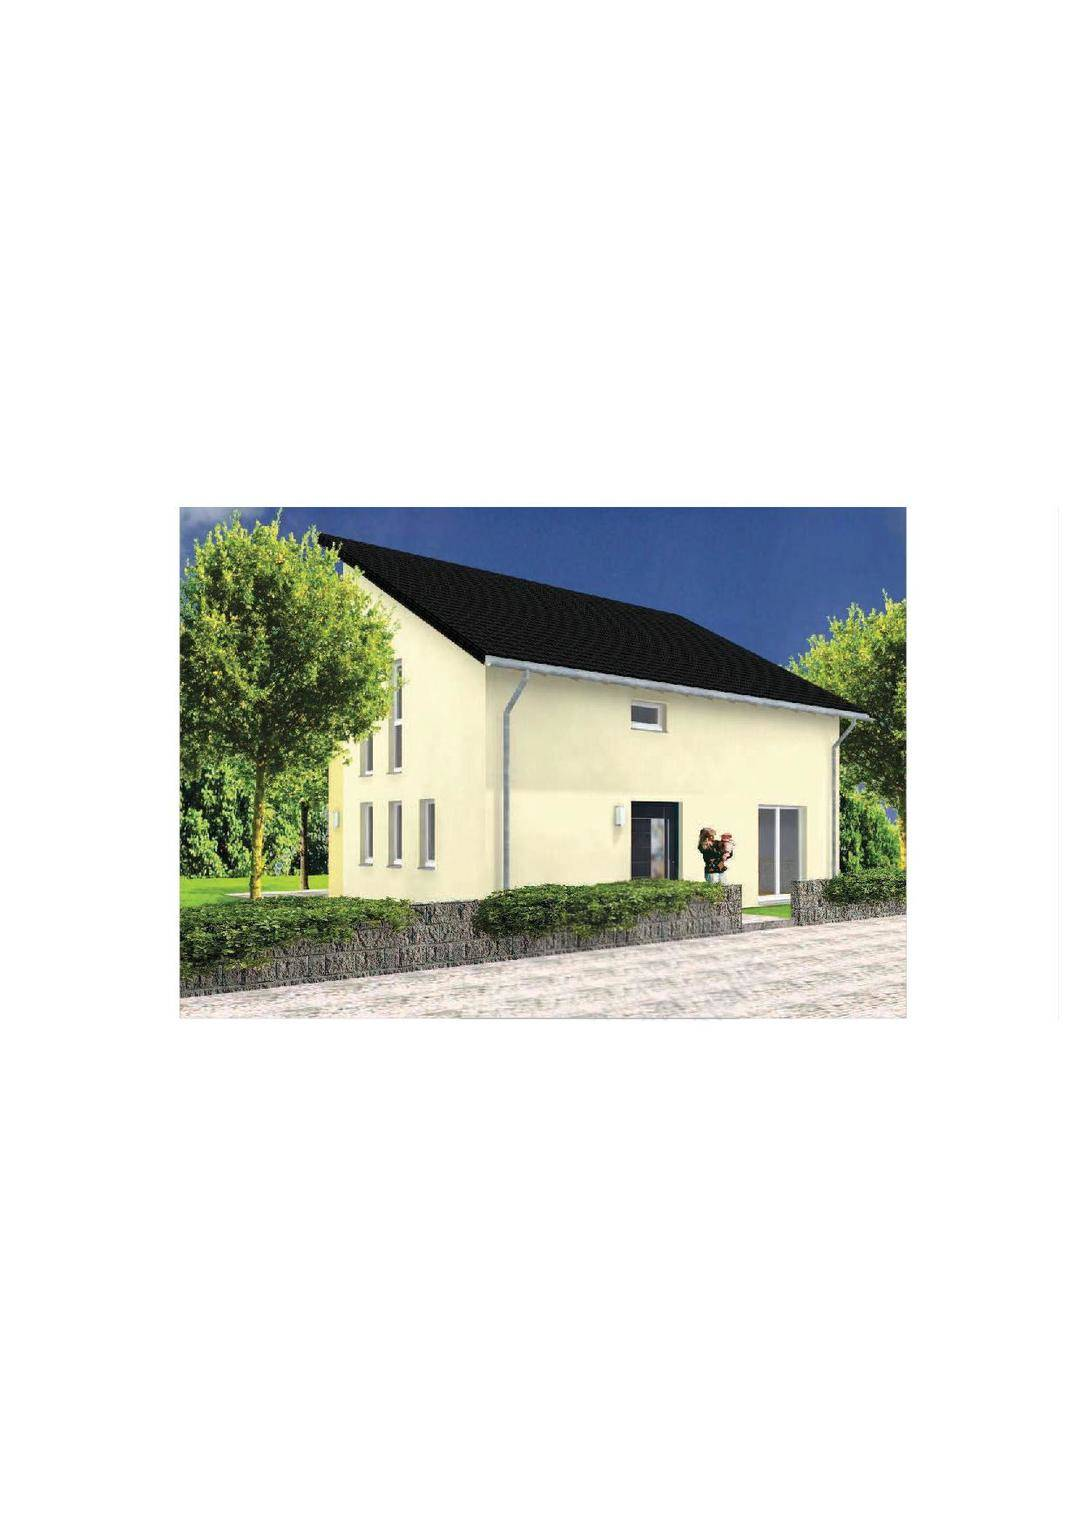 p32697.254250.1351783216329_003_Pultdachhaus_V12-130_Eingangsseite.jpg